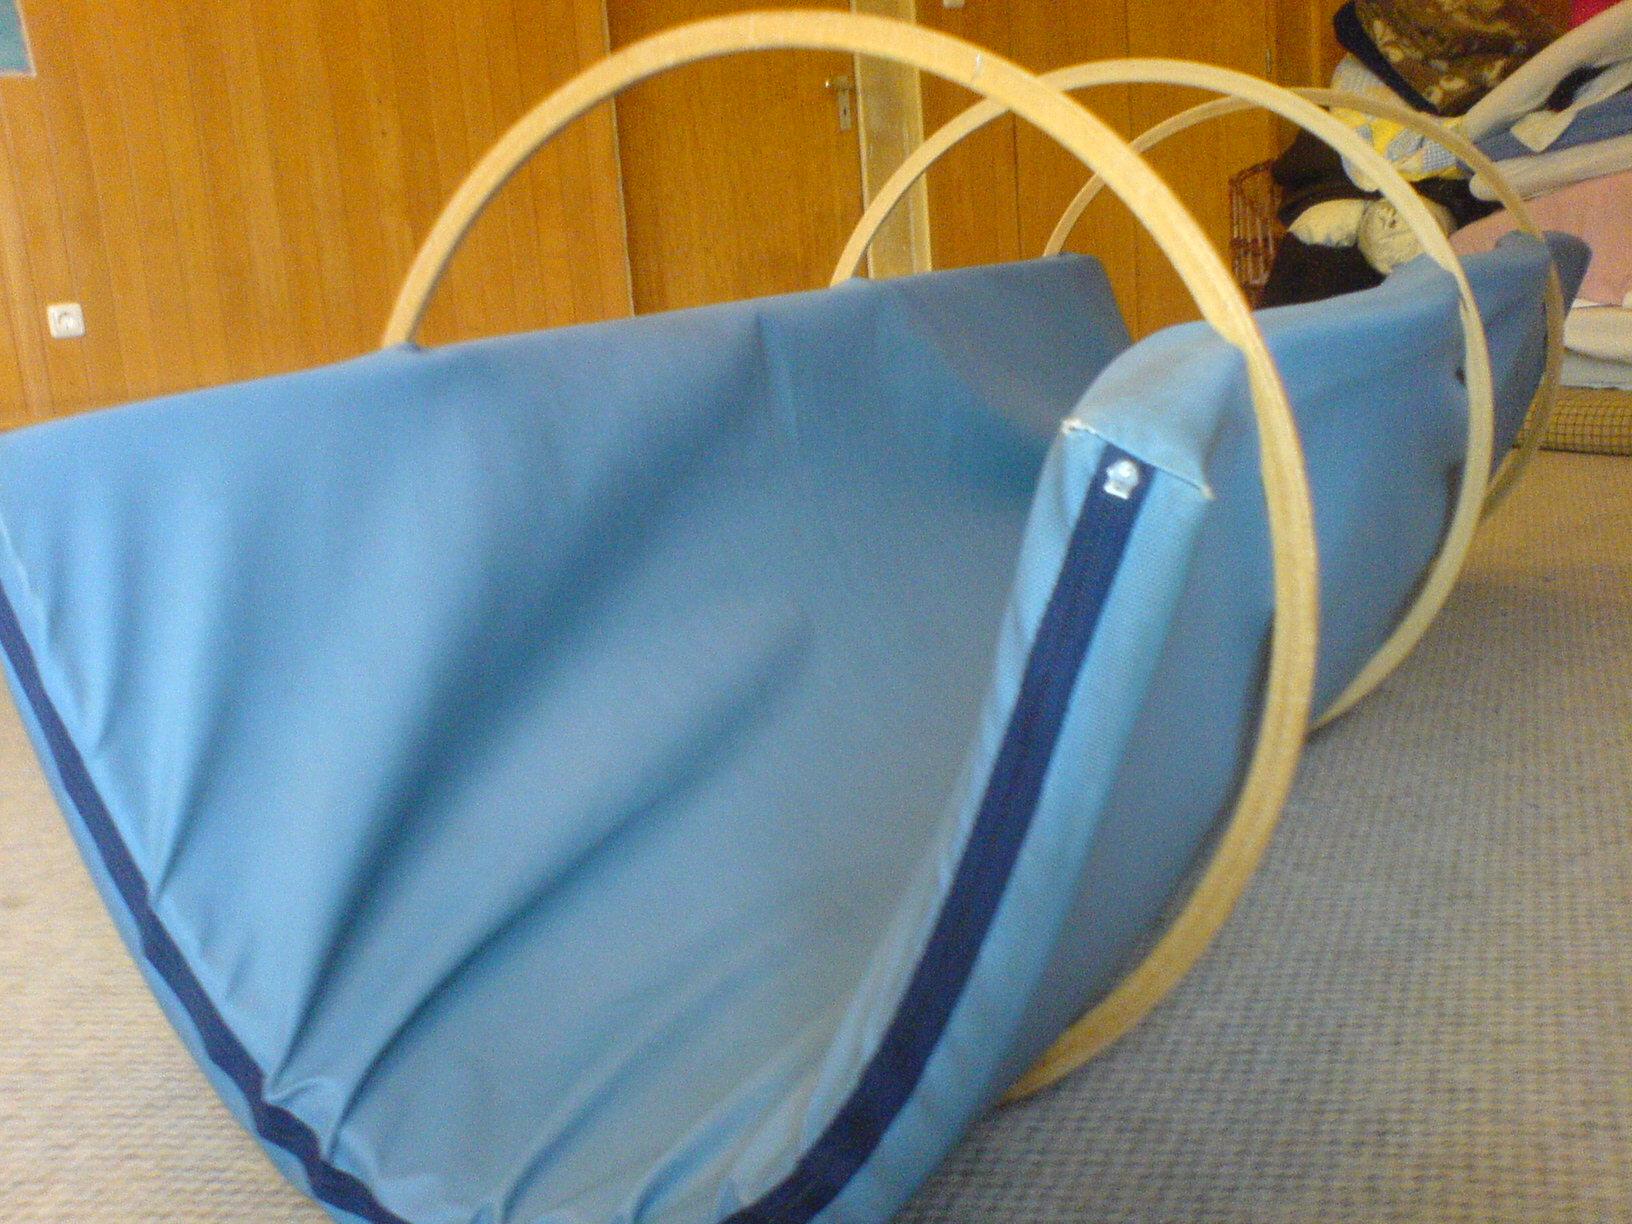 spiele bewegungsspiele wippe aus matten und reifen auf kita. Black Bedroom Furniture Sets. Home Design Ideas